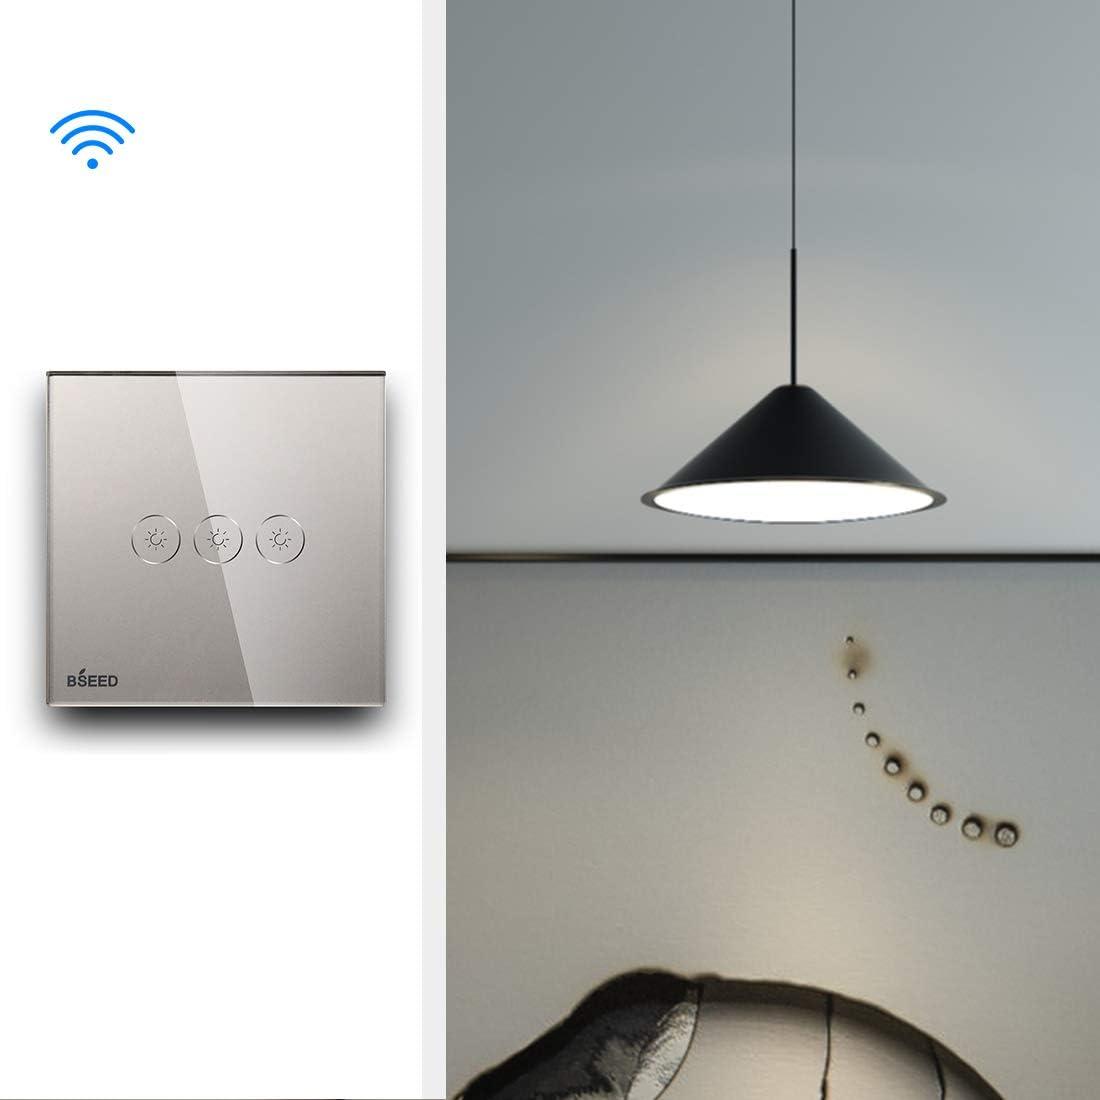 BSEED interrupteur tactile,Wifi curtain switch Noir Compatible avec Tuya,Alexa et Google Home Interrupteur WiFi Tactile Timer et Partager (besoin de se connecter /à une ligne neutre)